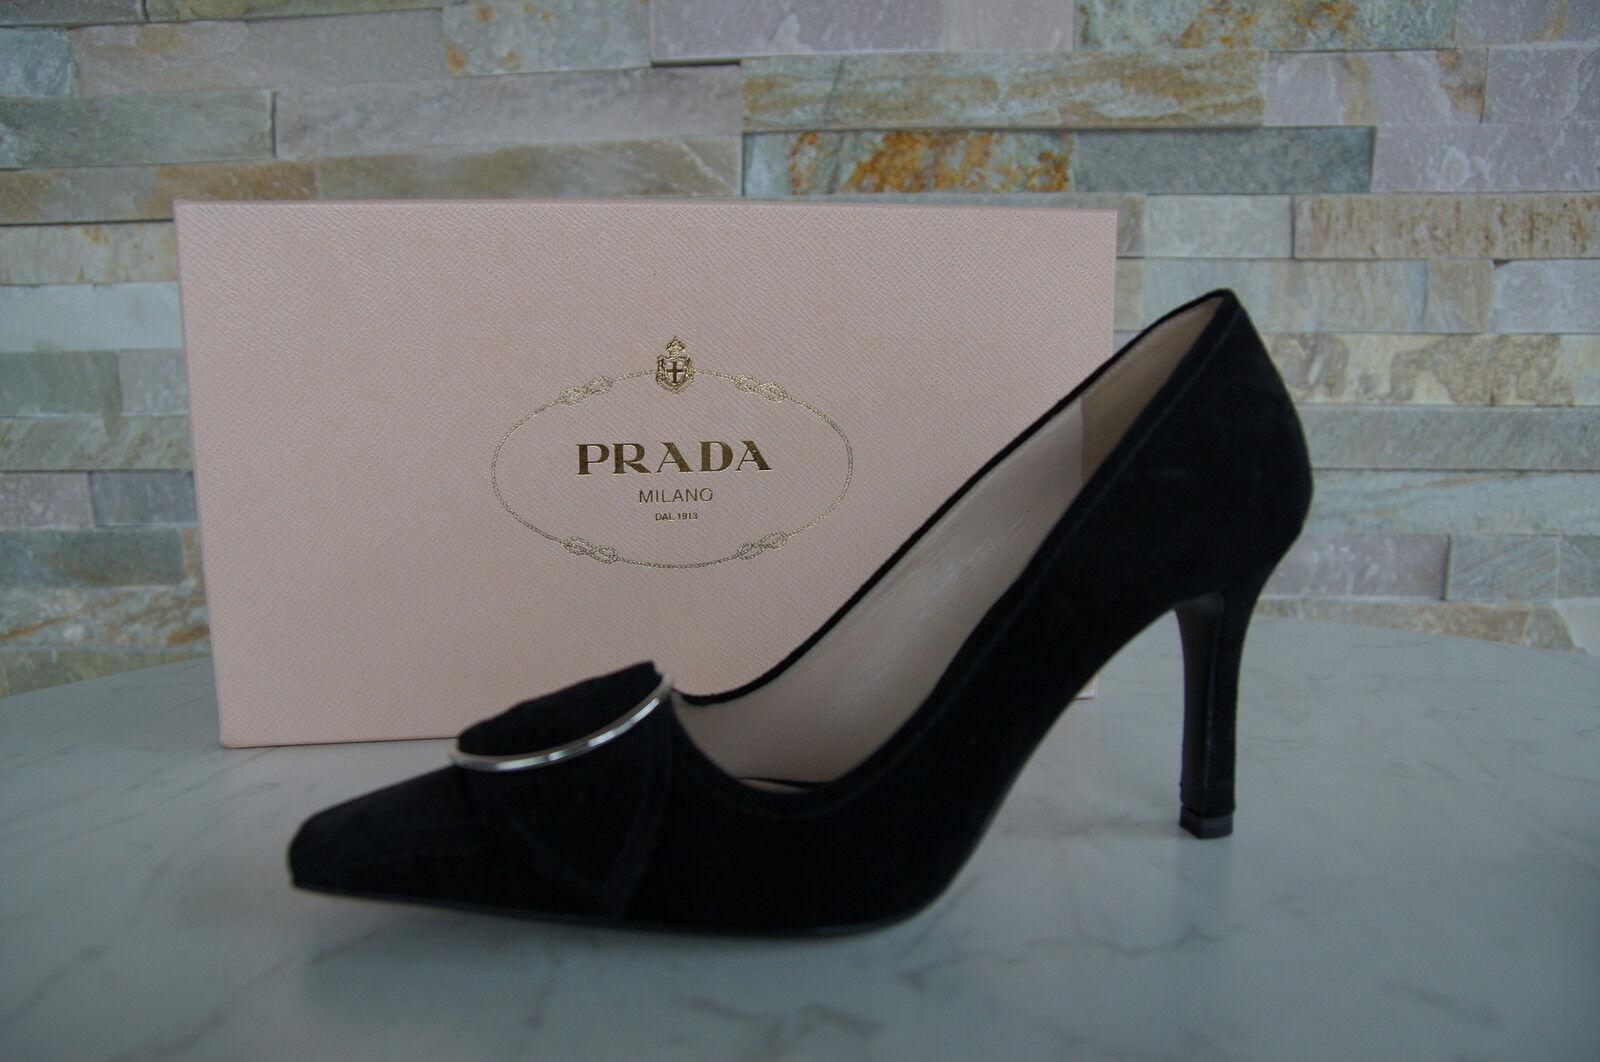 Prada Pumps Gr 38 Schuhe shoes  scarpe 1I487E schwarz black  shoes NEU 8f89cc